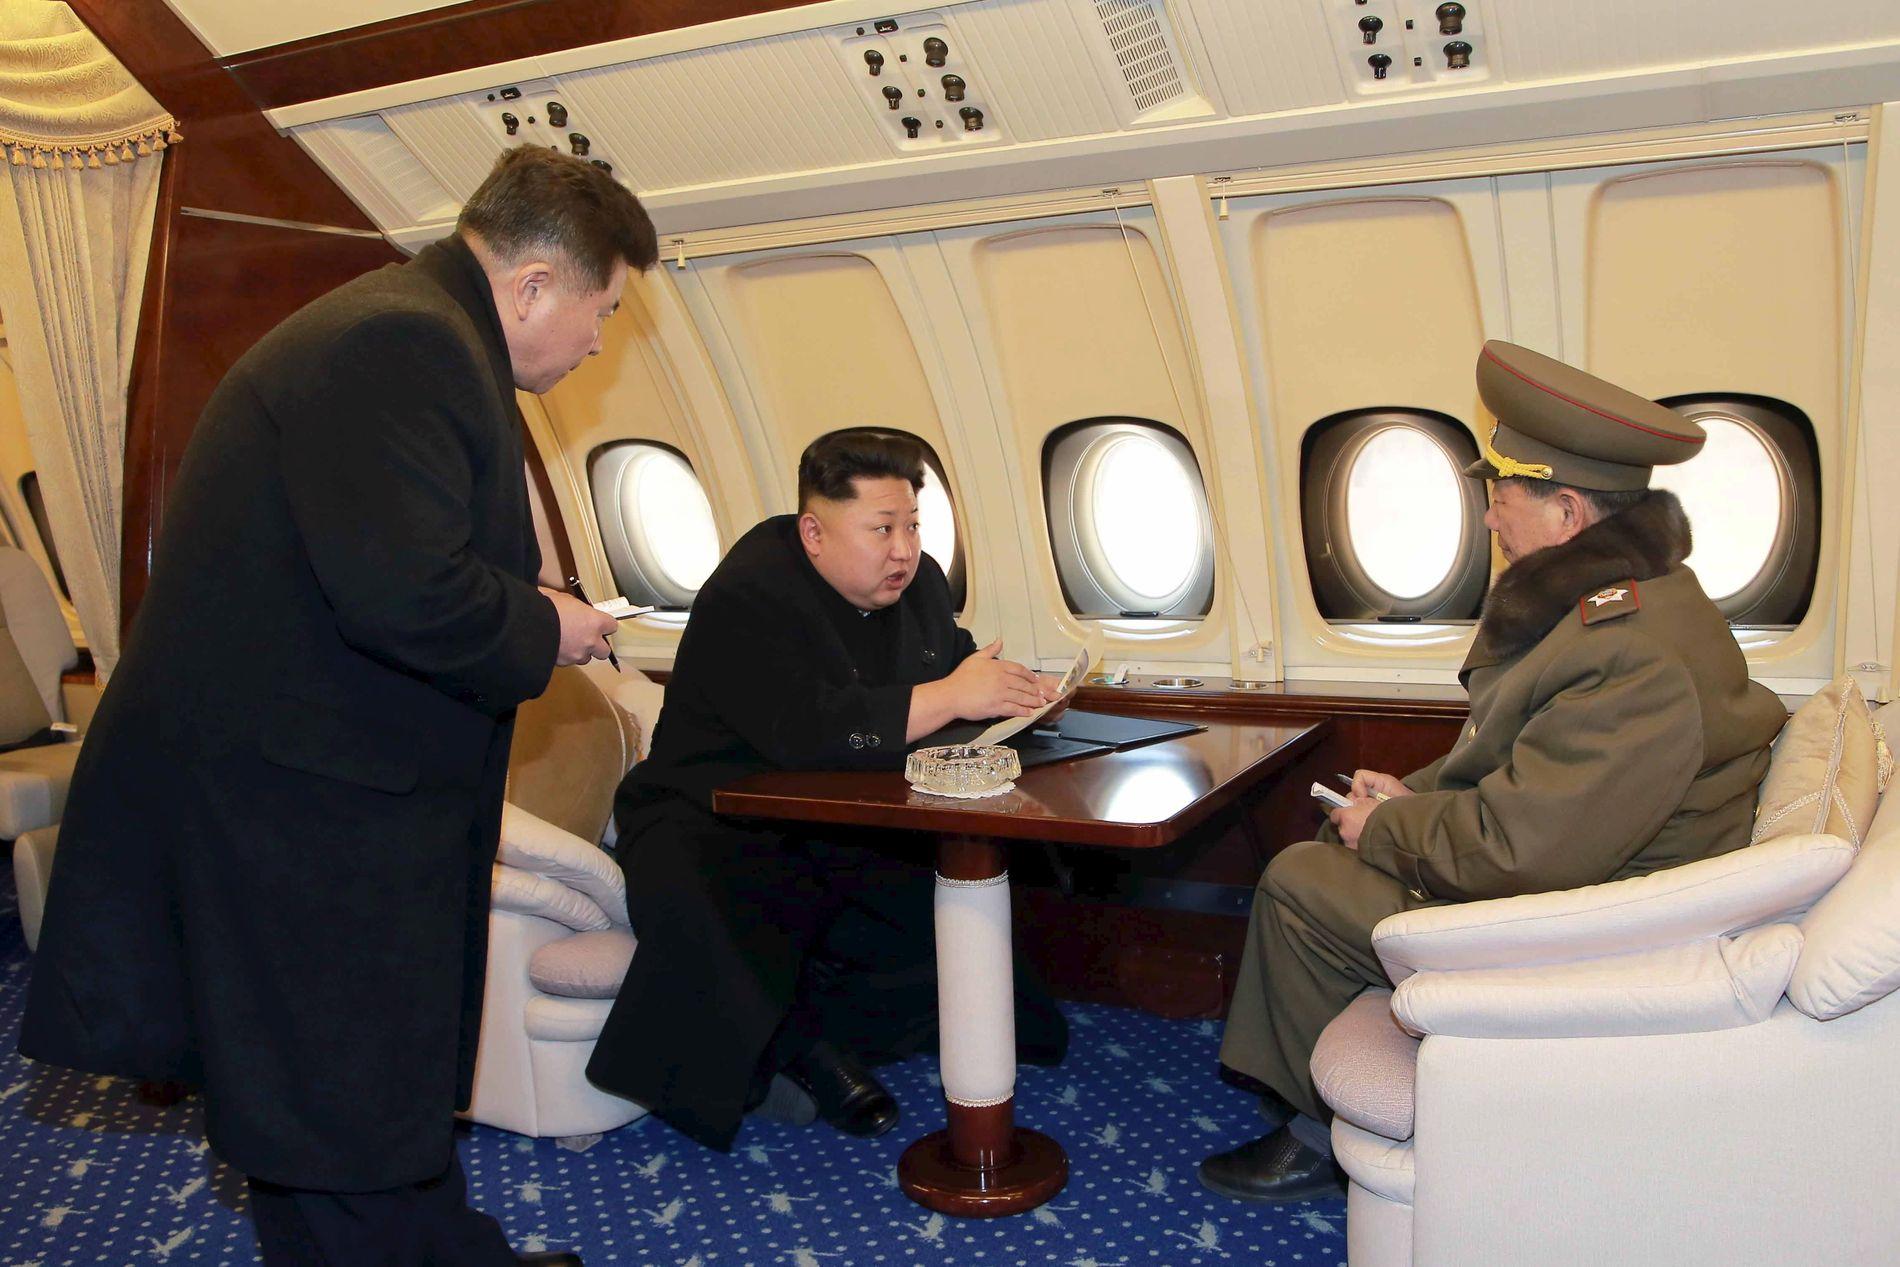 HØYTFLYGENDE: Her er Nord-Koreas president Kim Jong-un i samtaler med kommunistparti-toppen Hwang Pyong So (til høyre) i 2015 i det den gang nyoppussede presidentflyet.